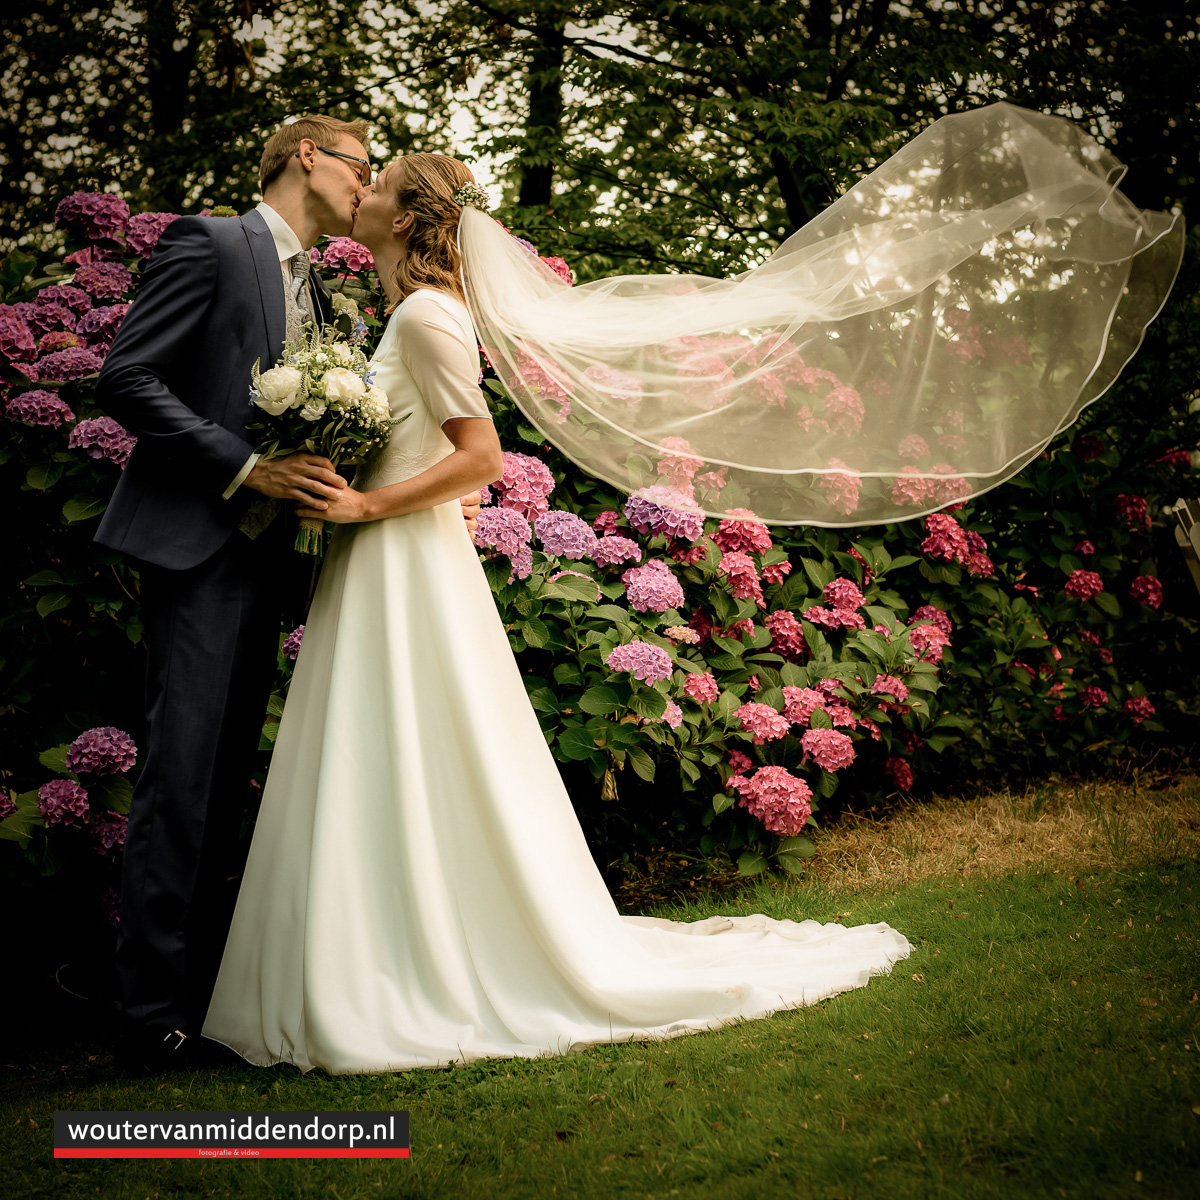 fotograaf Wouter van Middendorp, omgeving Nunspeet, Barneveld, kesteren, bruidsfotografie (345)